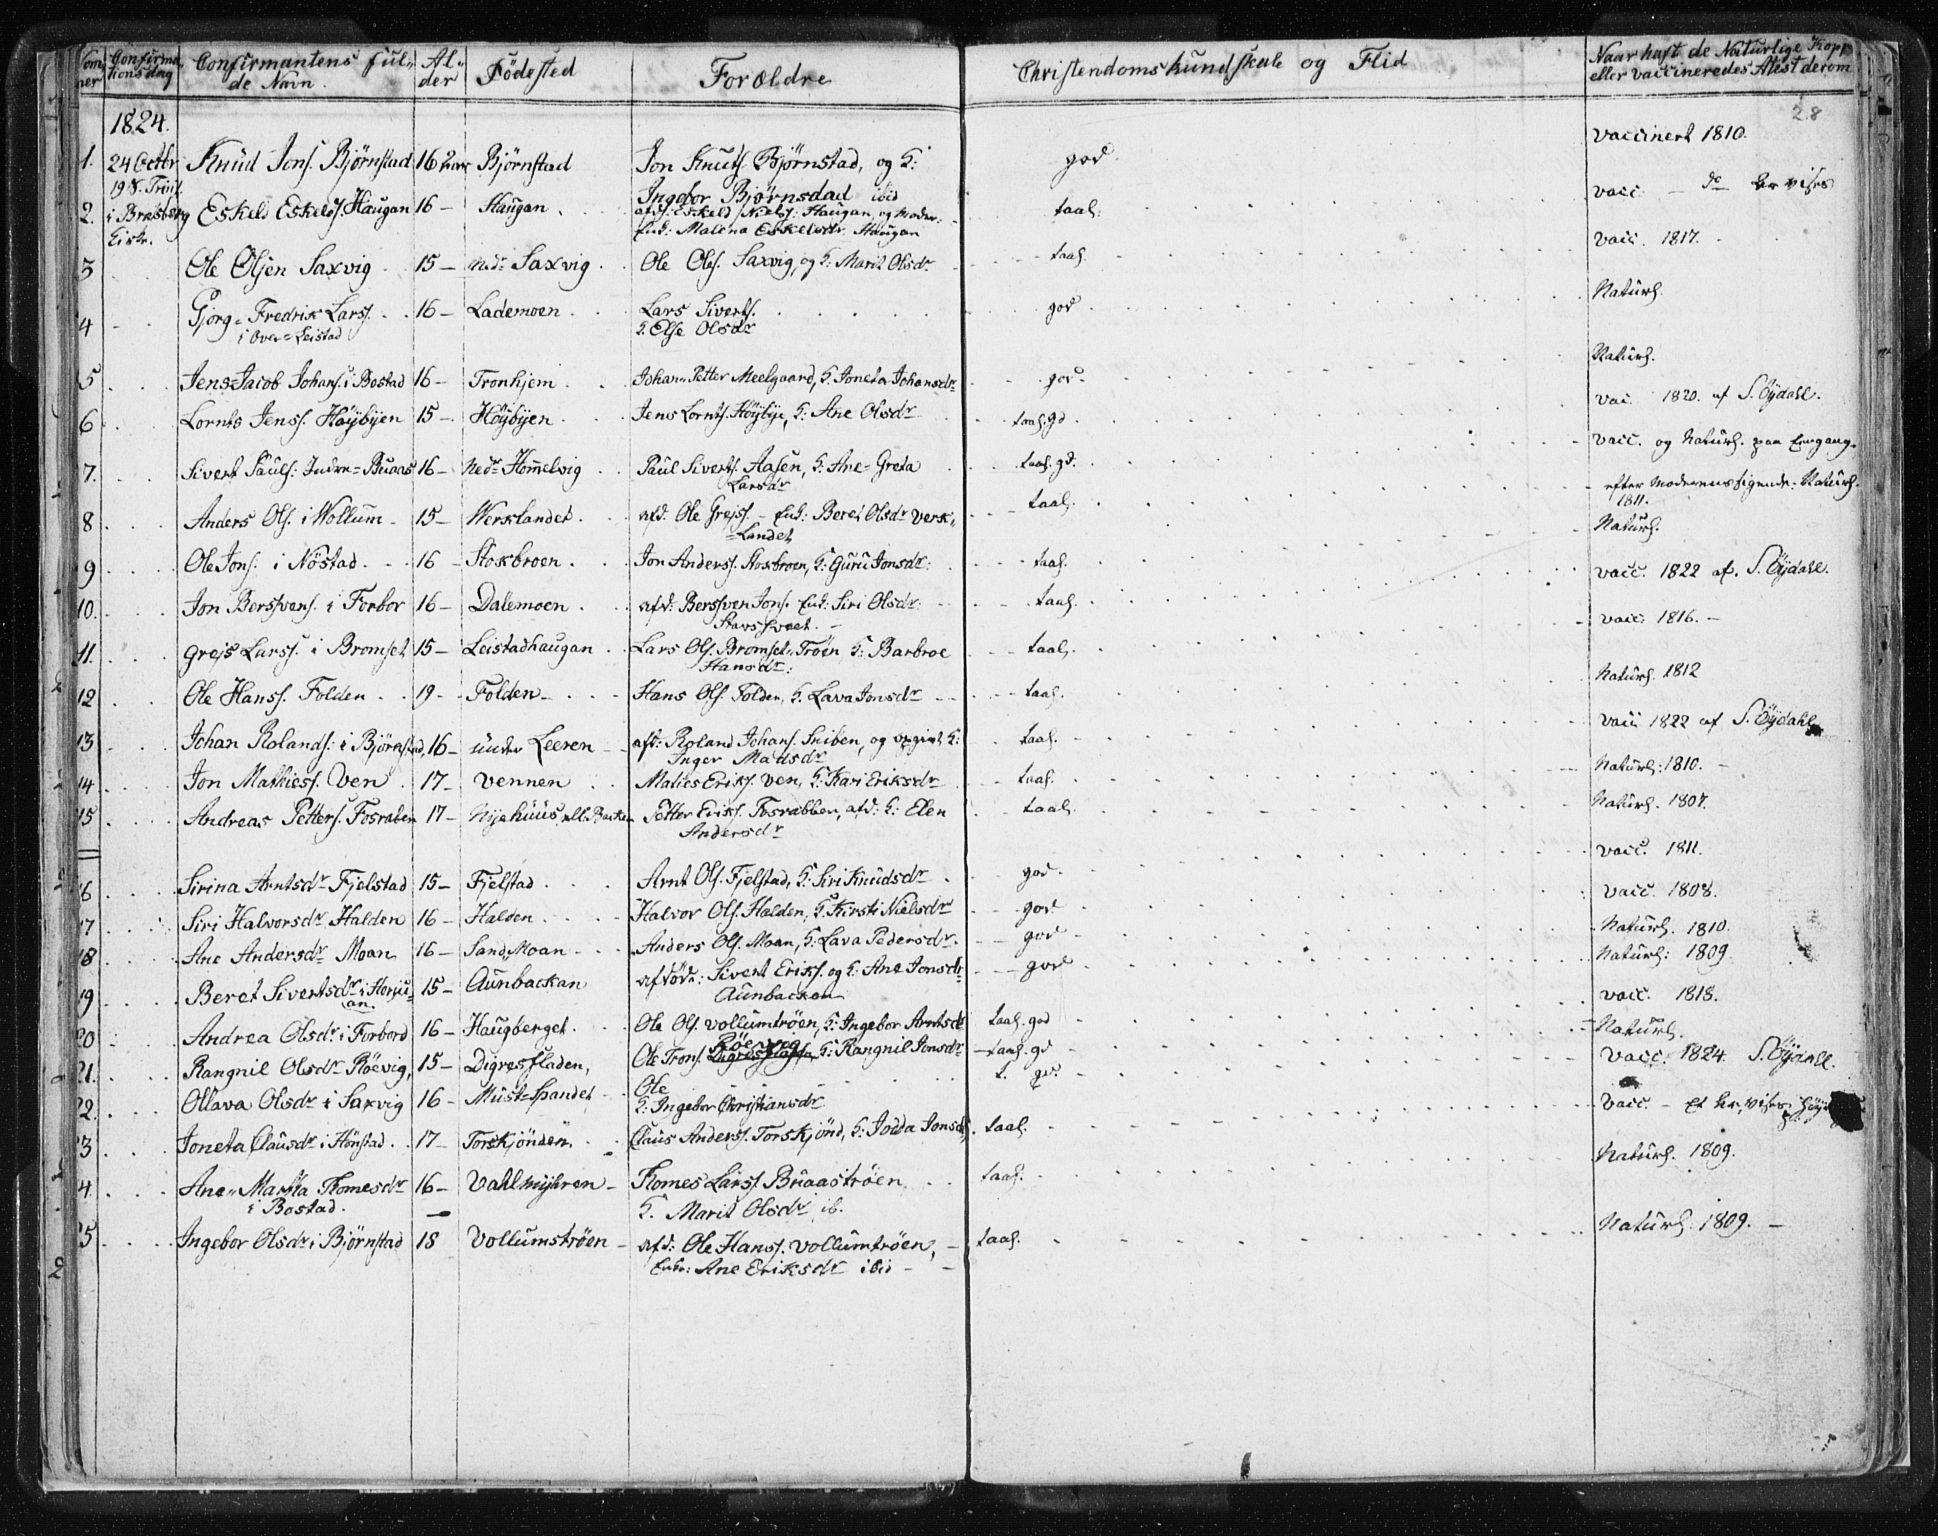 SAT, Ministerialprotokoller, klokkerbøker og fødselsregistre - Sør-Trøndelag, 616/L0404: Ministerialbok nr. 616A01, 1823-1831, s. 28